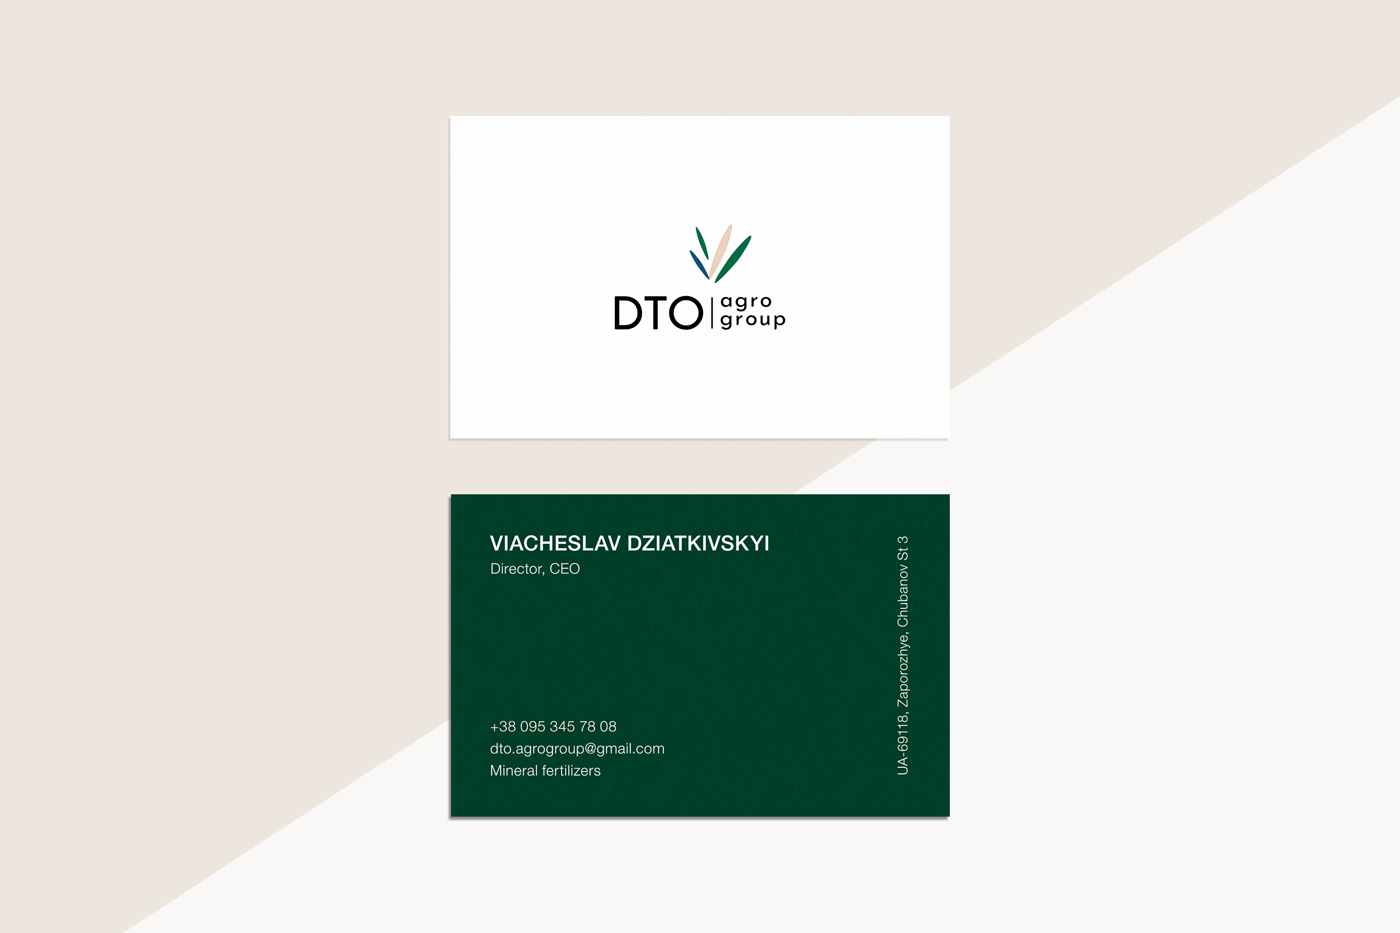 Фирменный стиль и логотип. Визитки для украинской агрокомпании DTO